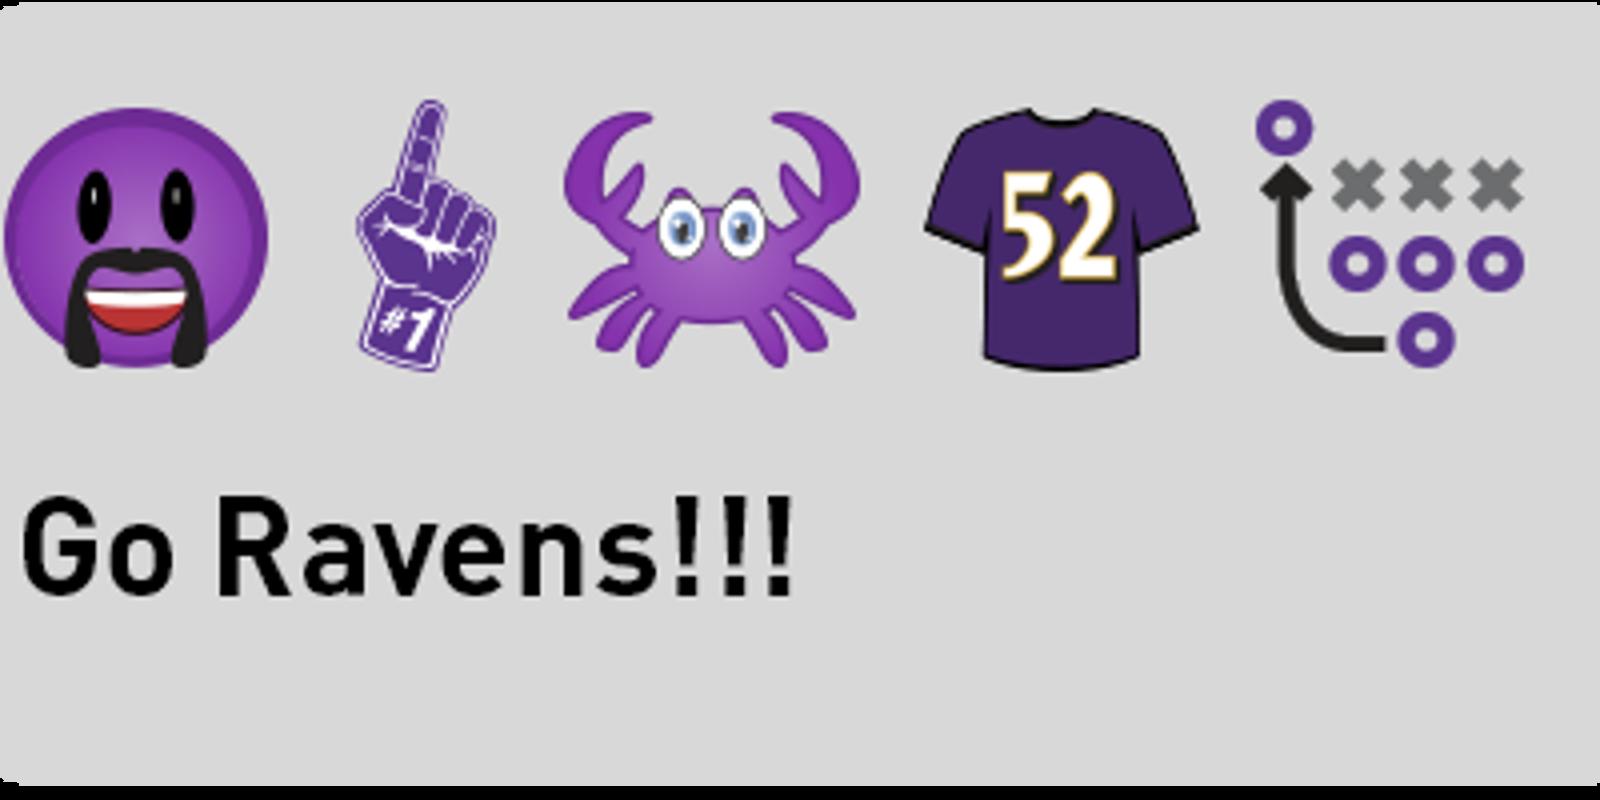 Happyface emoticon: Ravens emojis are here